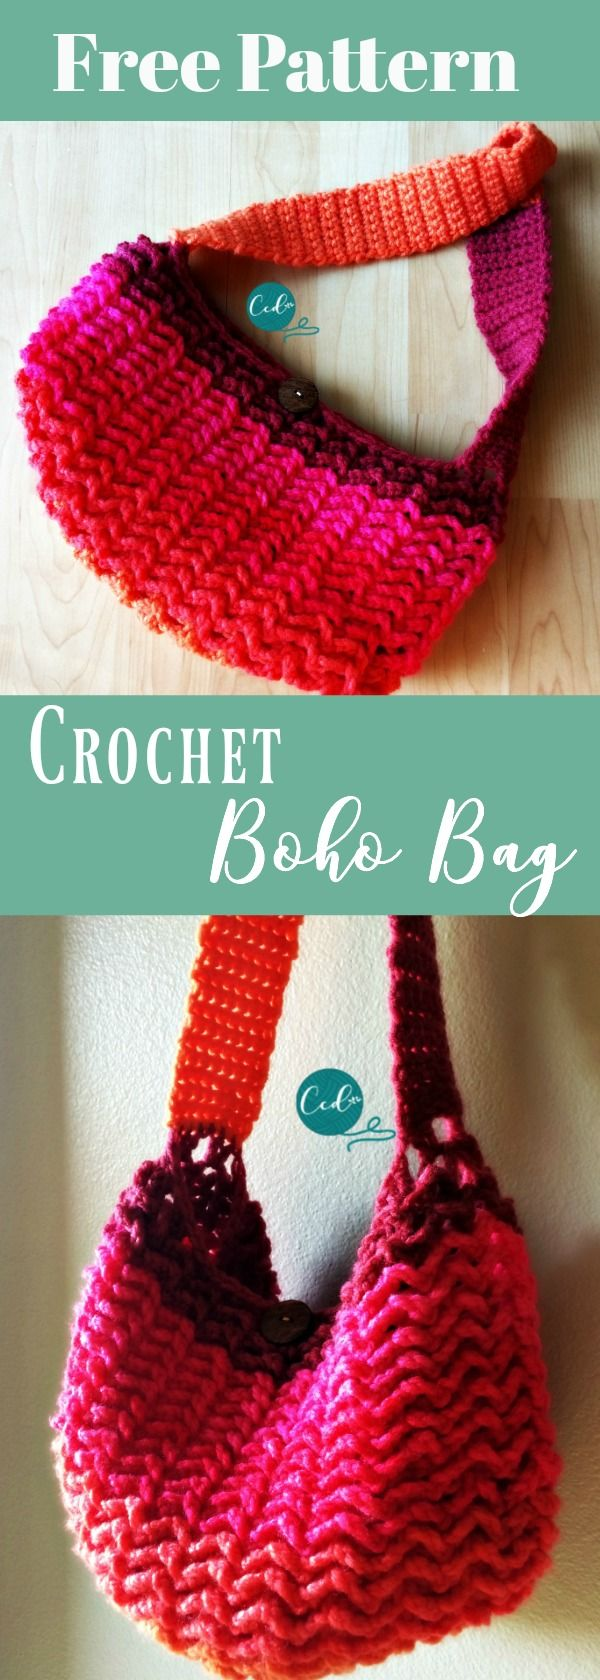 Crochet one skein bag | easy photo tutorial | free crochet purse pattern | crochet tote | how to crochet a bag | crochet crossbody bag | learn to crochet | summer crochet projects | bernat pop yarn | one skein crochet projects